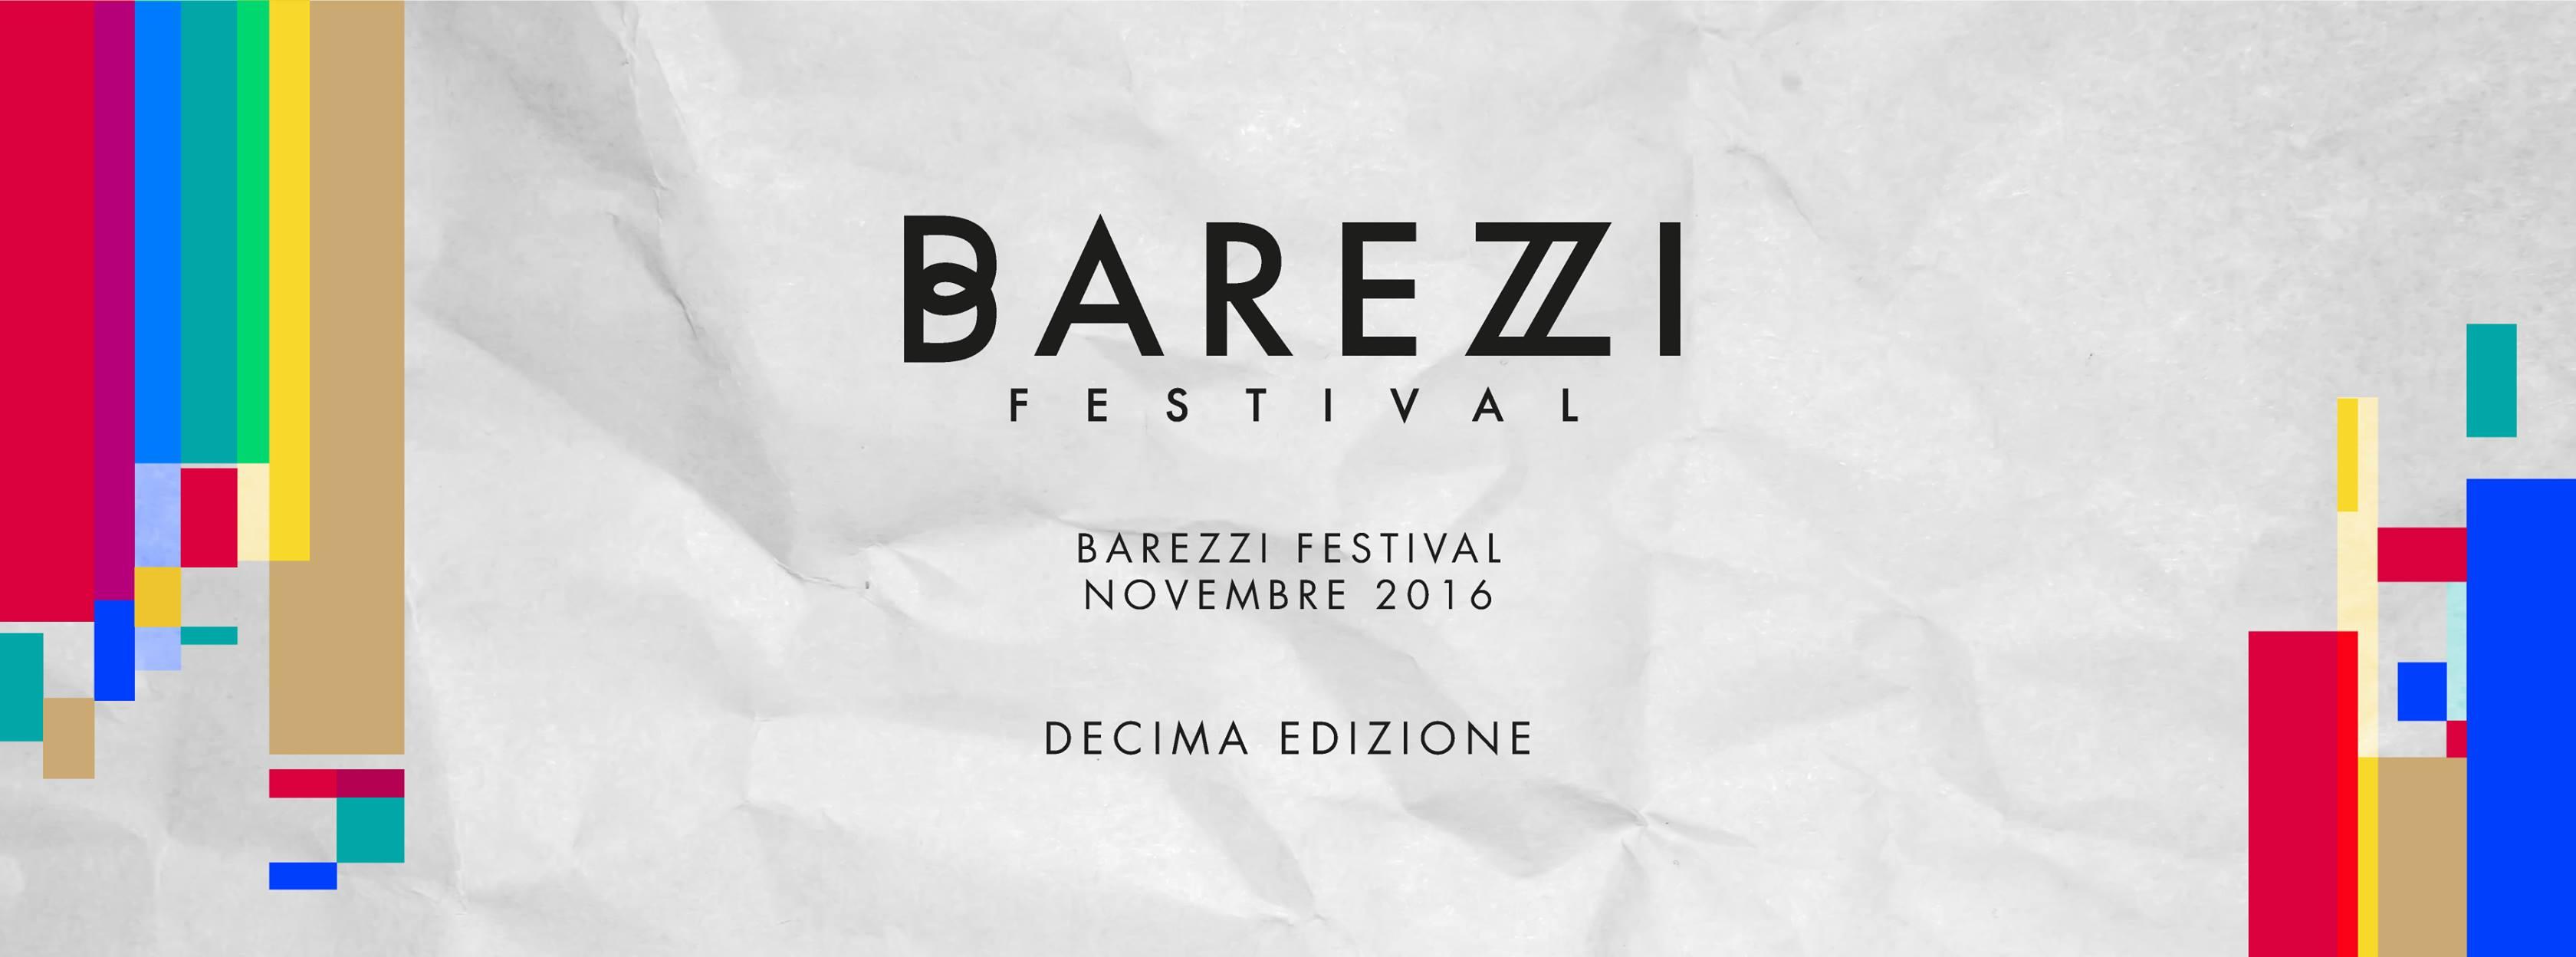 baresi festival 2016